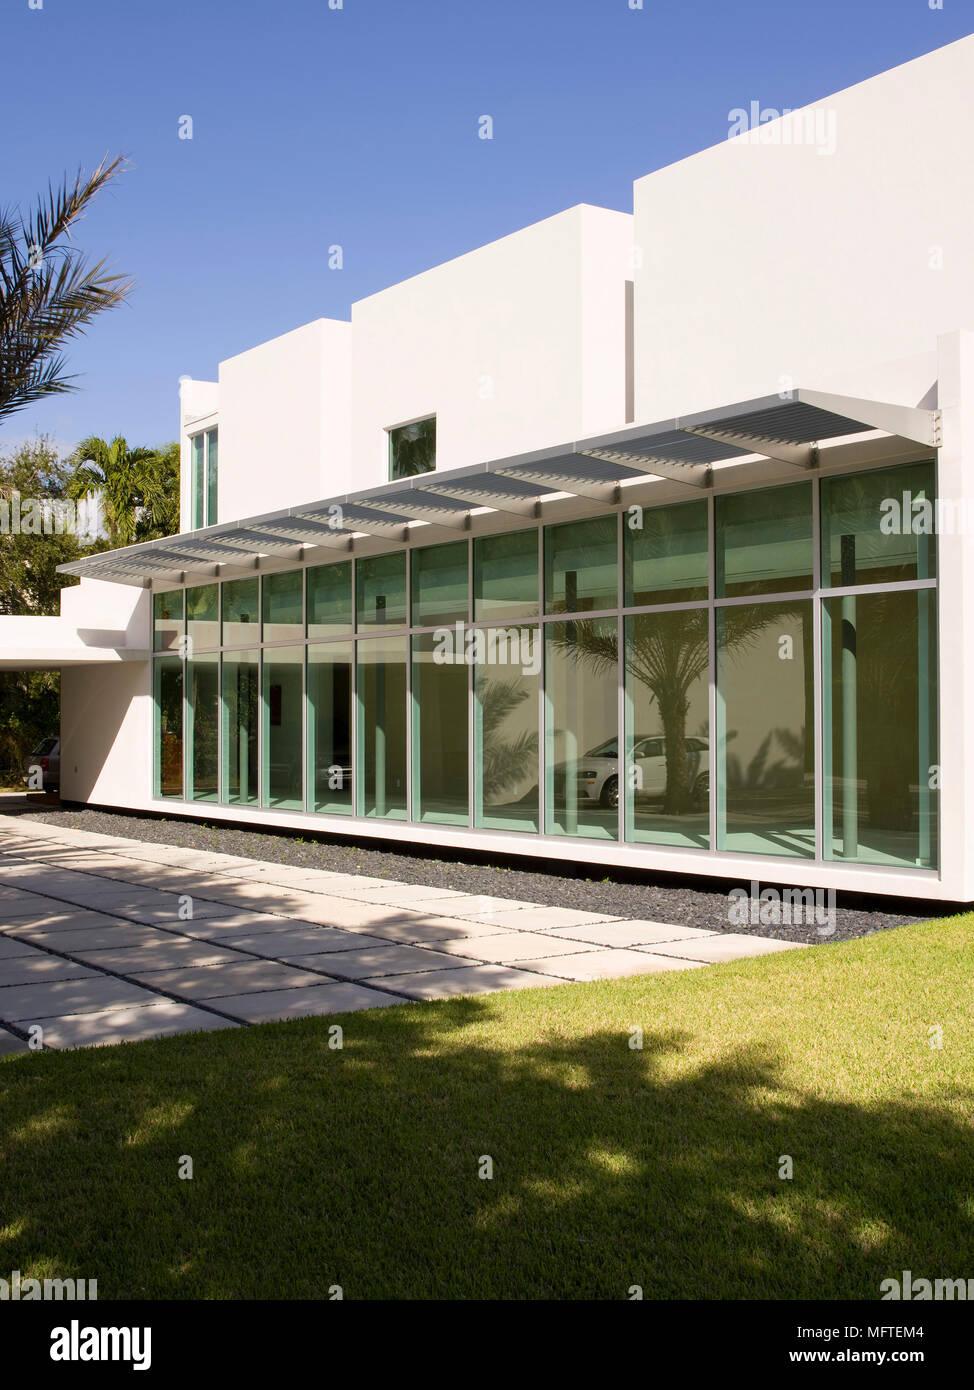 Facade Exterieur Maison Moderne | Entree Extérieure Maison ...